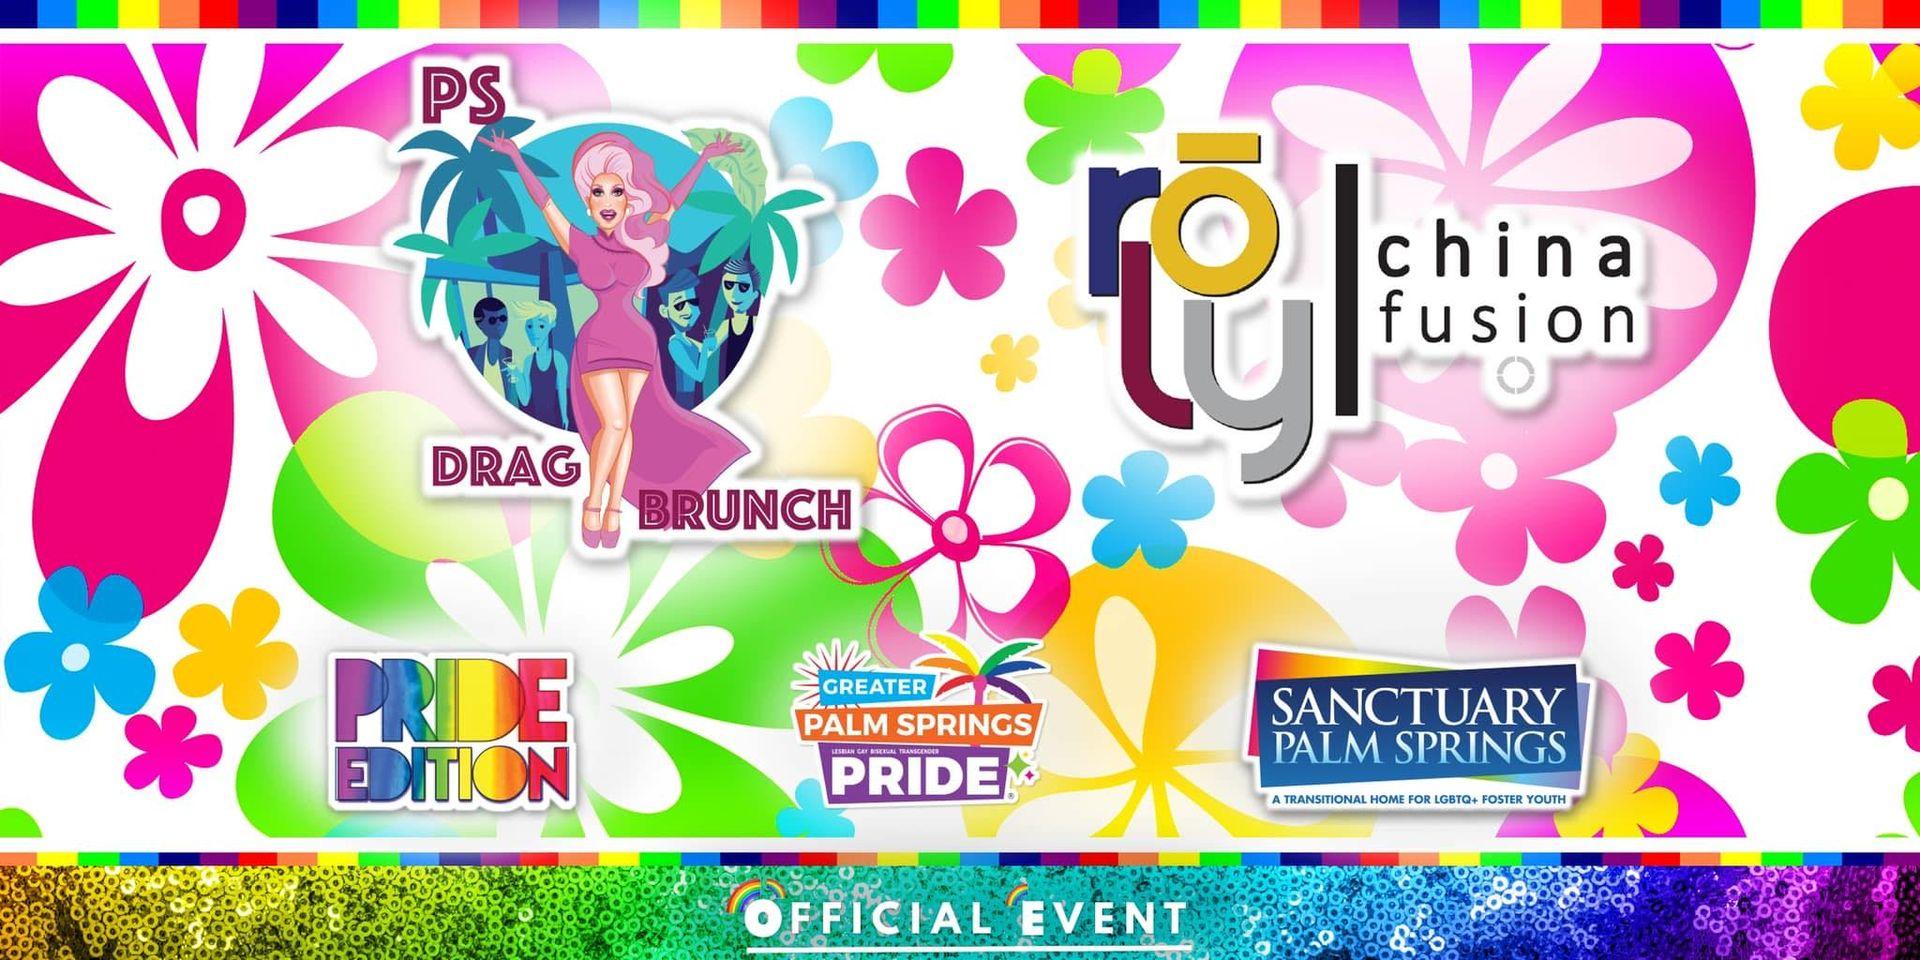 PS Drag Brunch Pride Edition